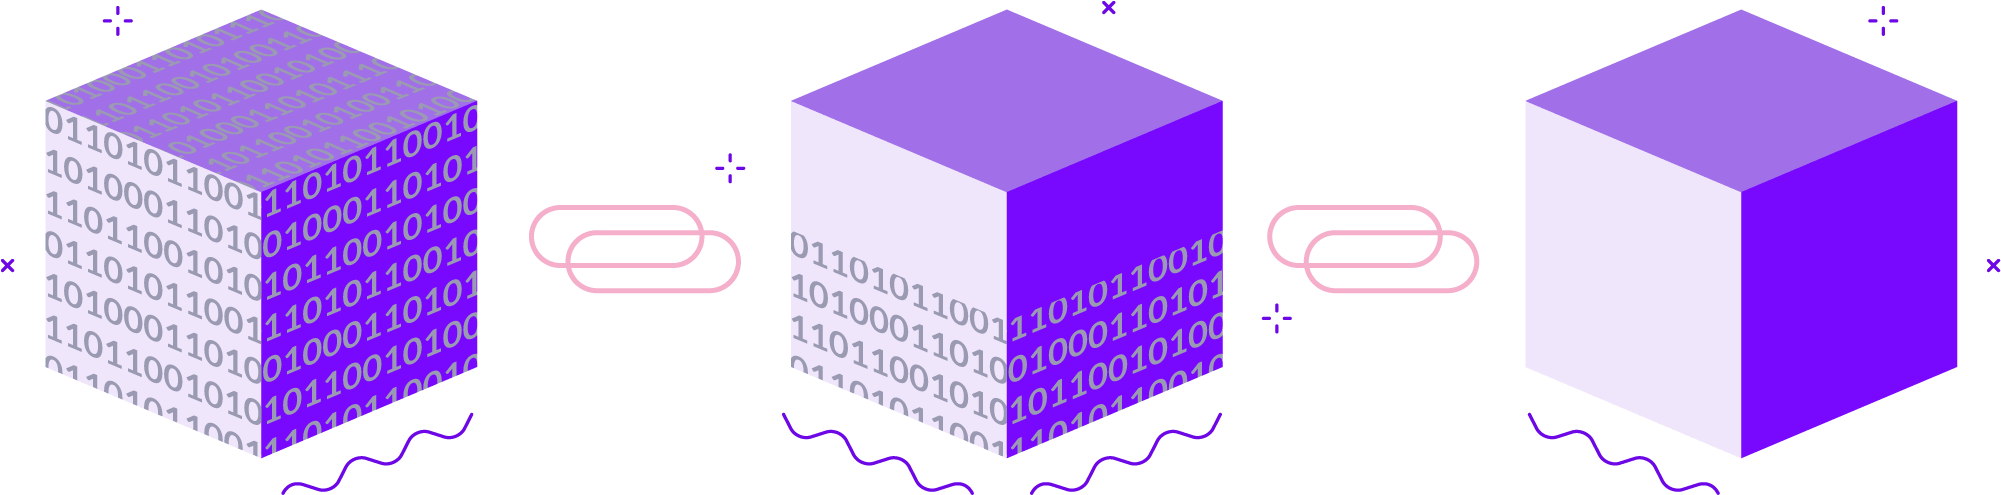 Como funciona a Blockchain